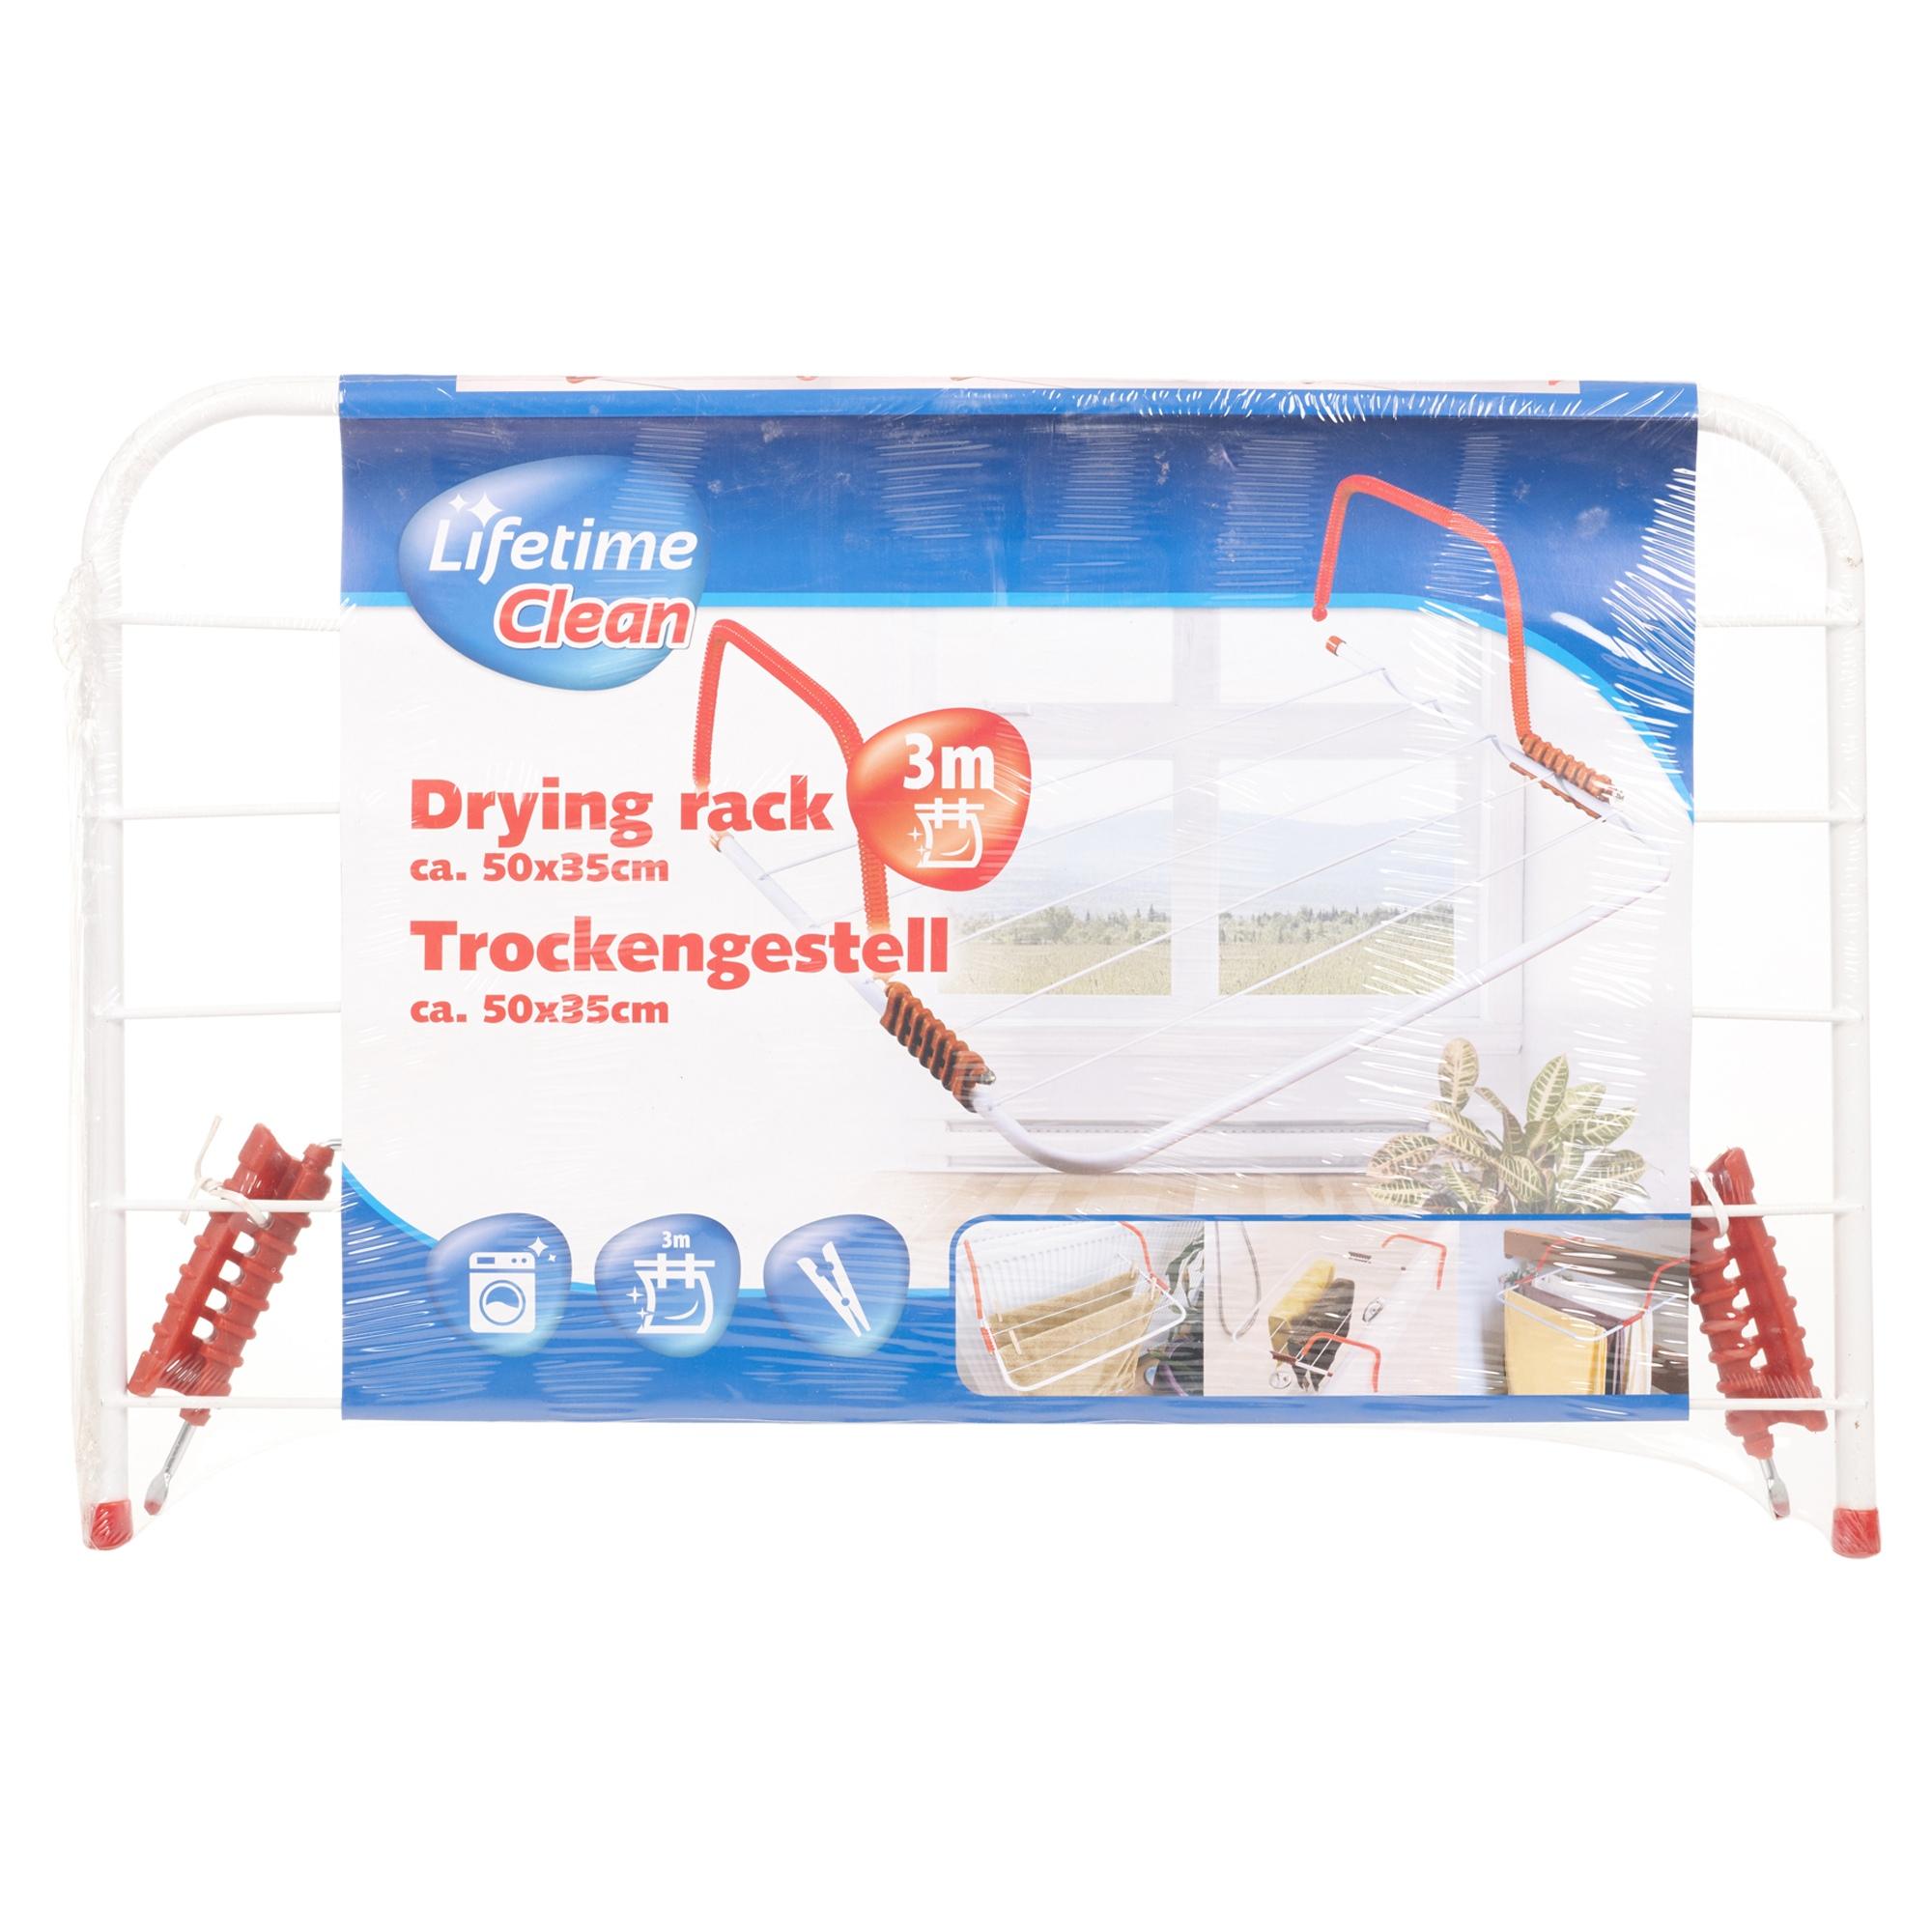 Wäscheständer Englisch 3m kleider wäscheständer trockengestell waschen wäscheleine hängendes handtuch ebay